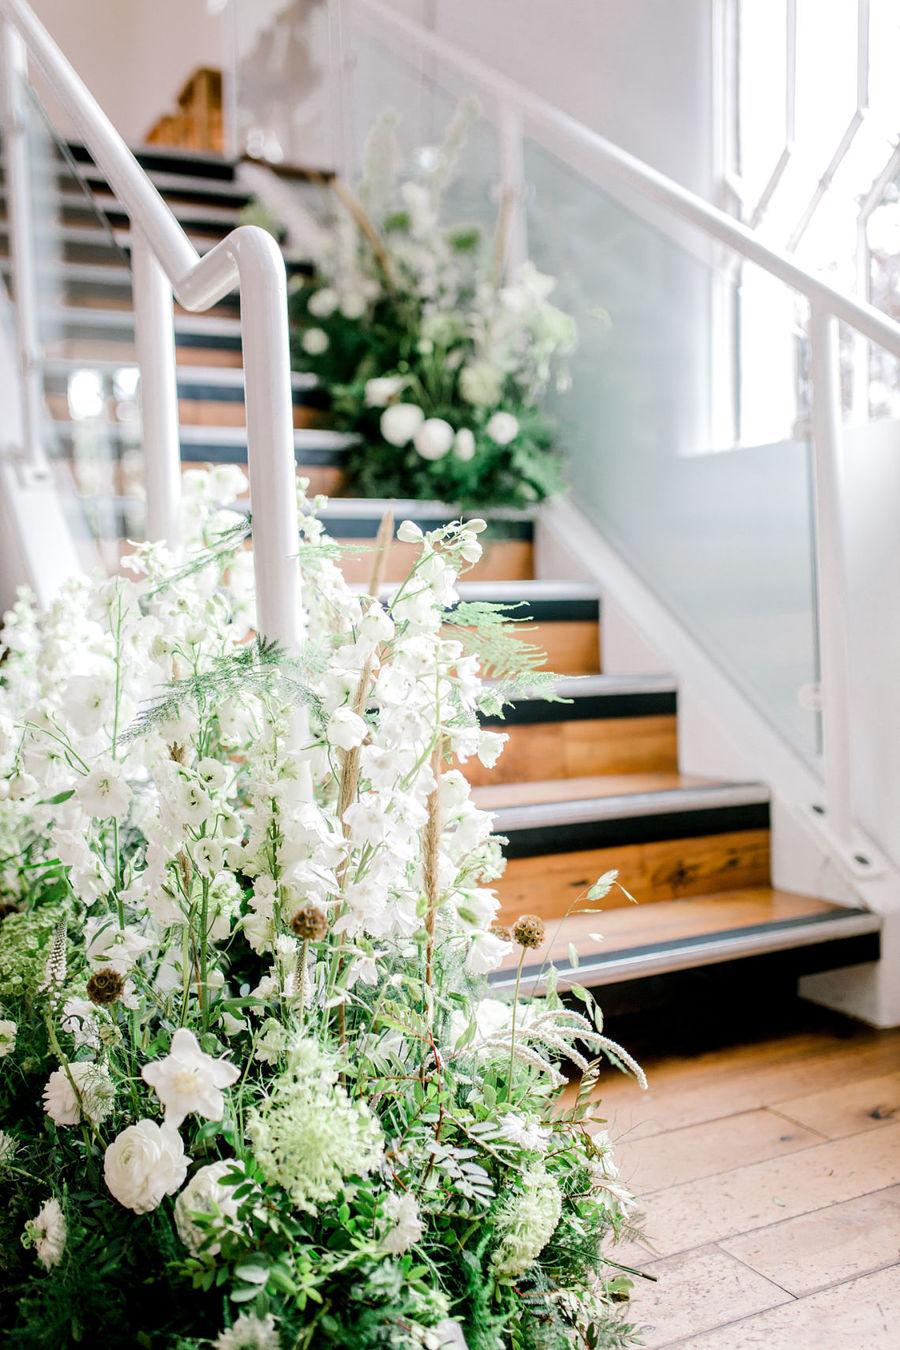 Minimal elegant wedding style ideas by Wildflower Wedding Planner Natasha, images Helene Elliott Photography (7)